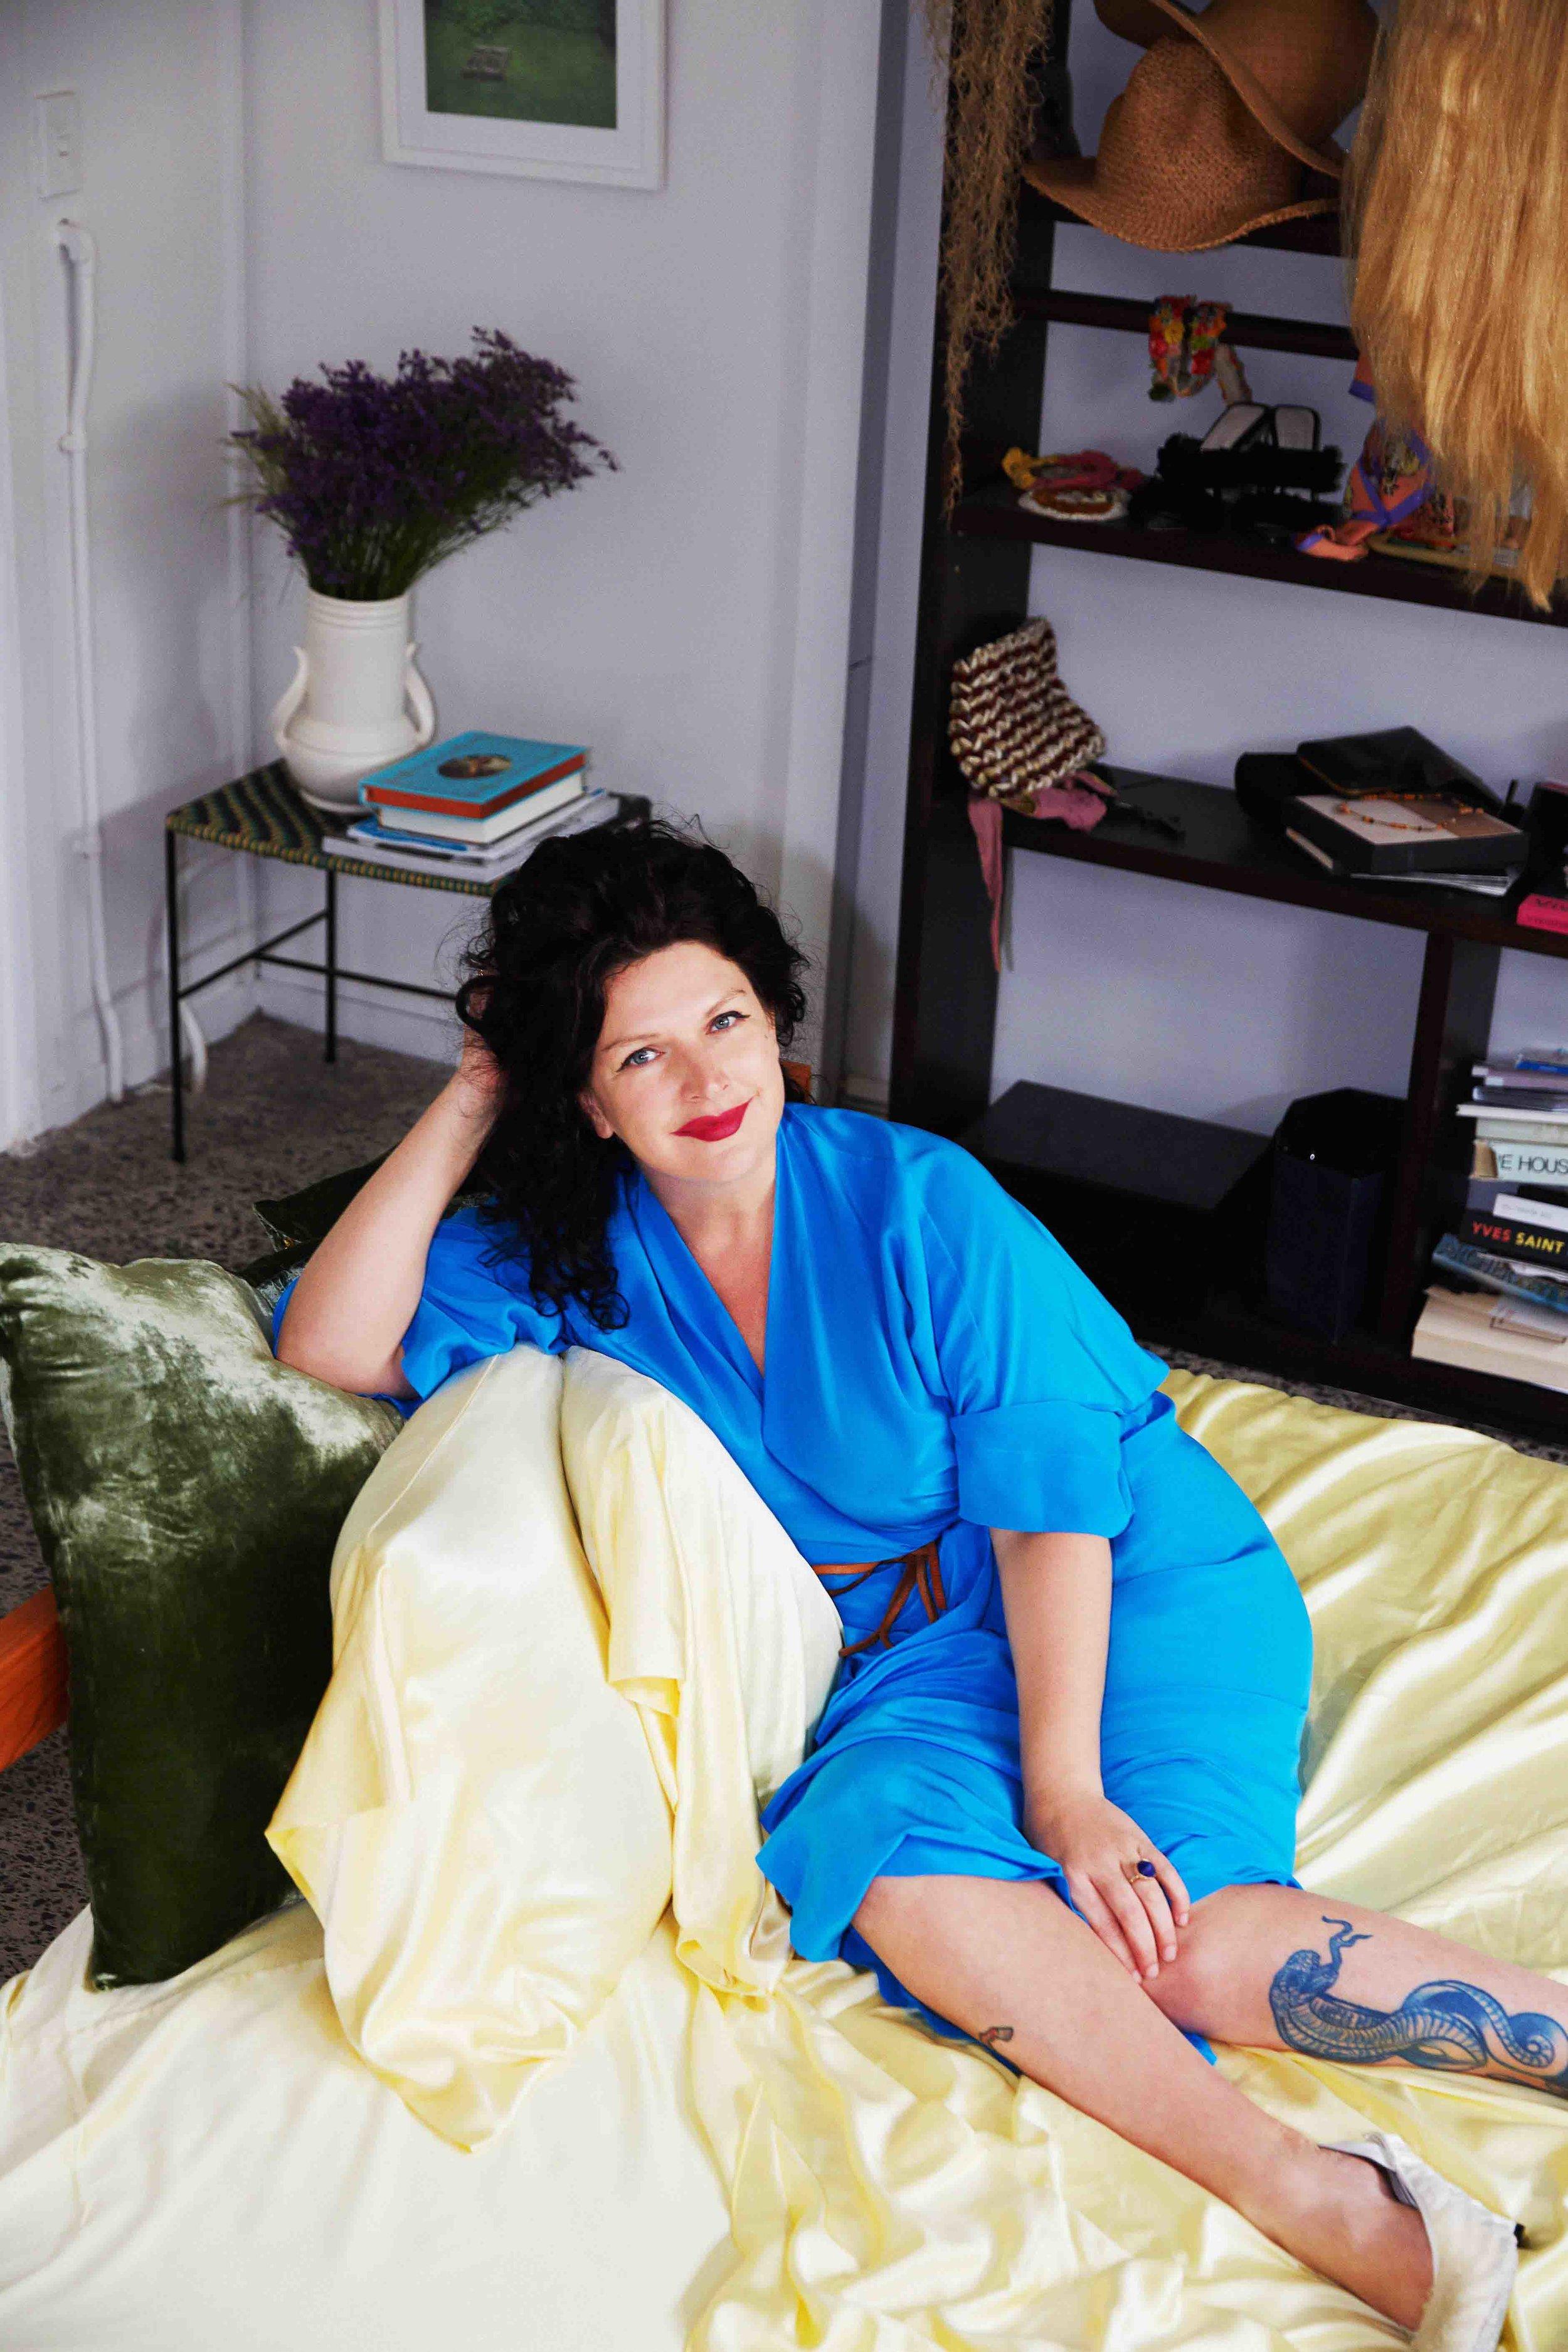 Fashion designer Kristine Crabb